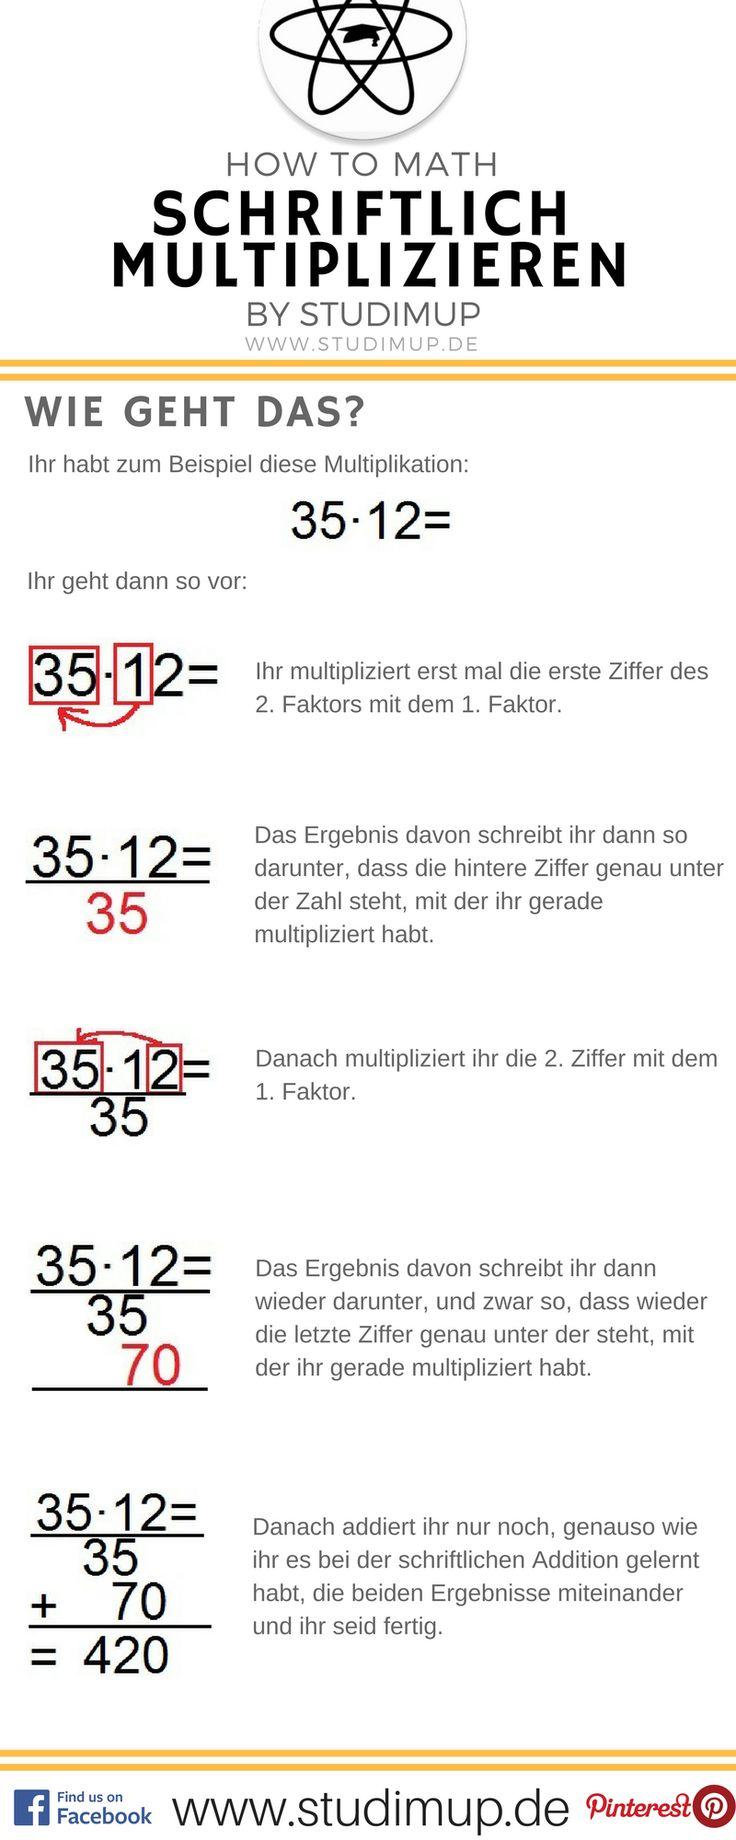 Schriftlich rechnen einfach im Spickzettel von Studimup erklärt. Hier die schriftliche Multiplikation.